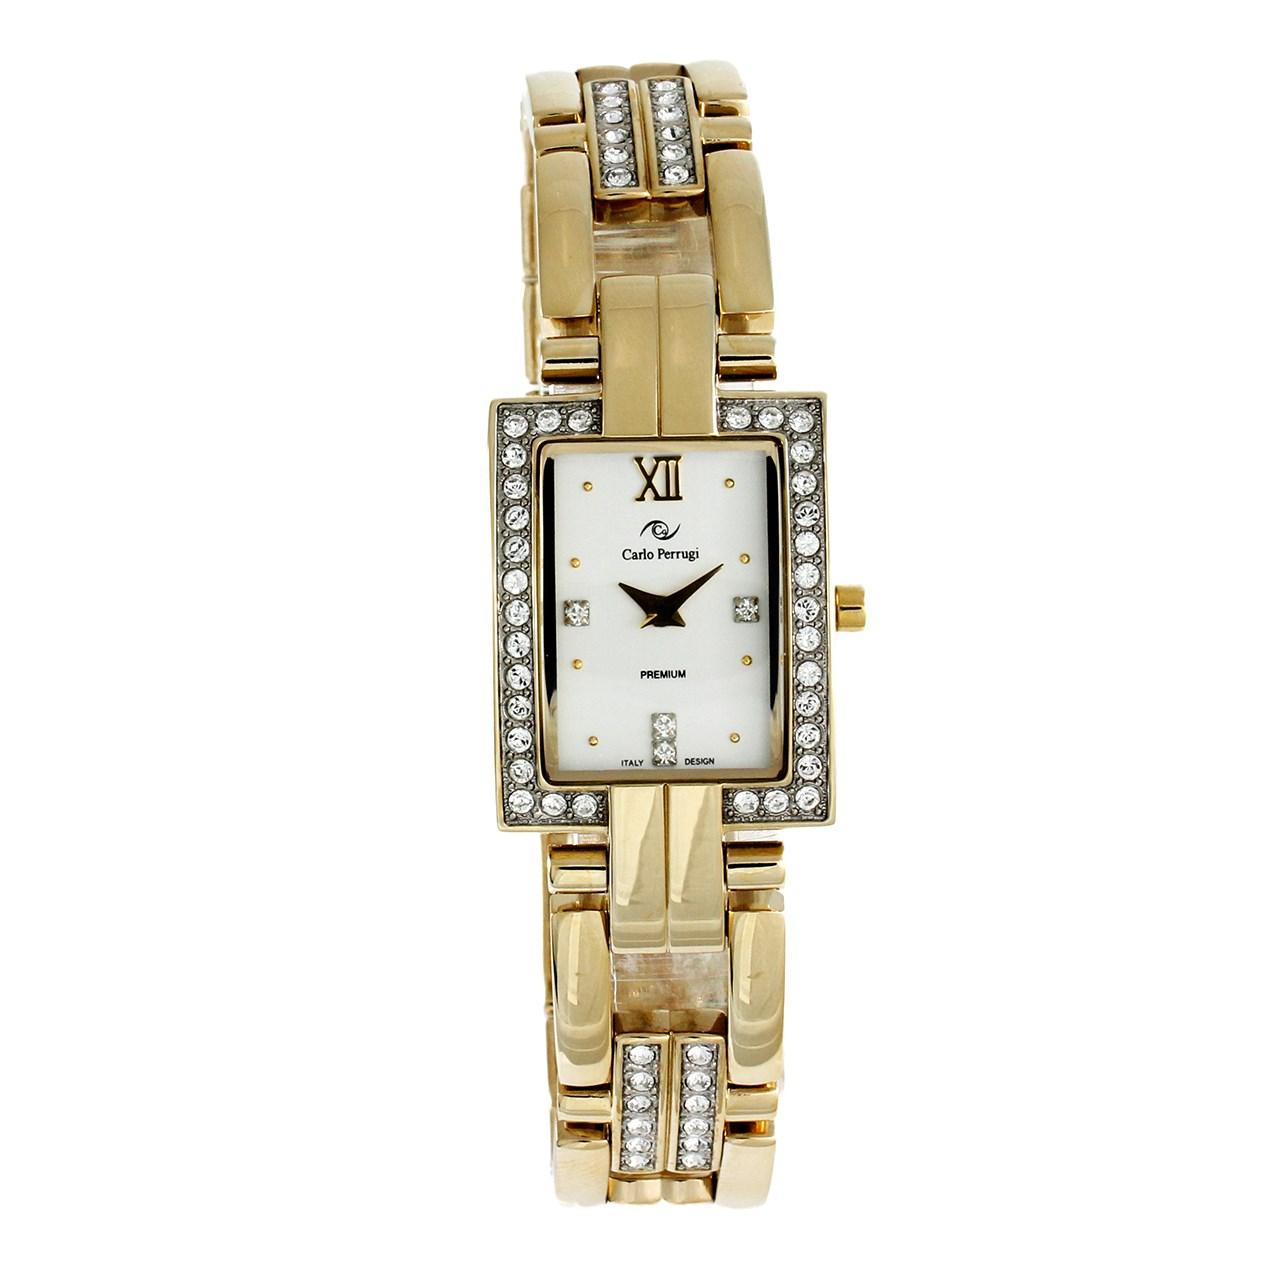 خرید ساعت مچی عقربه ای زنانه کارلو پروجی مدل SL2026-2